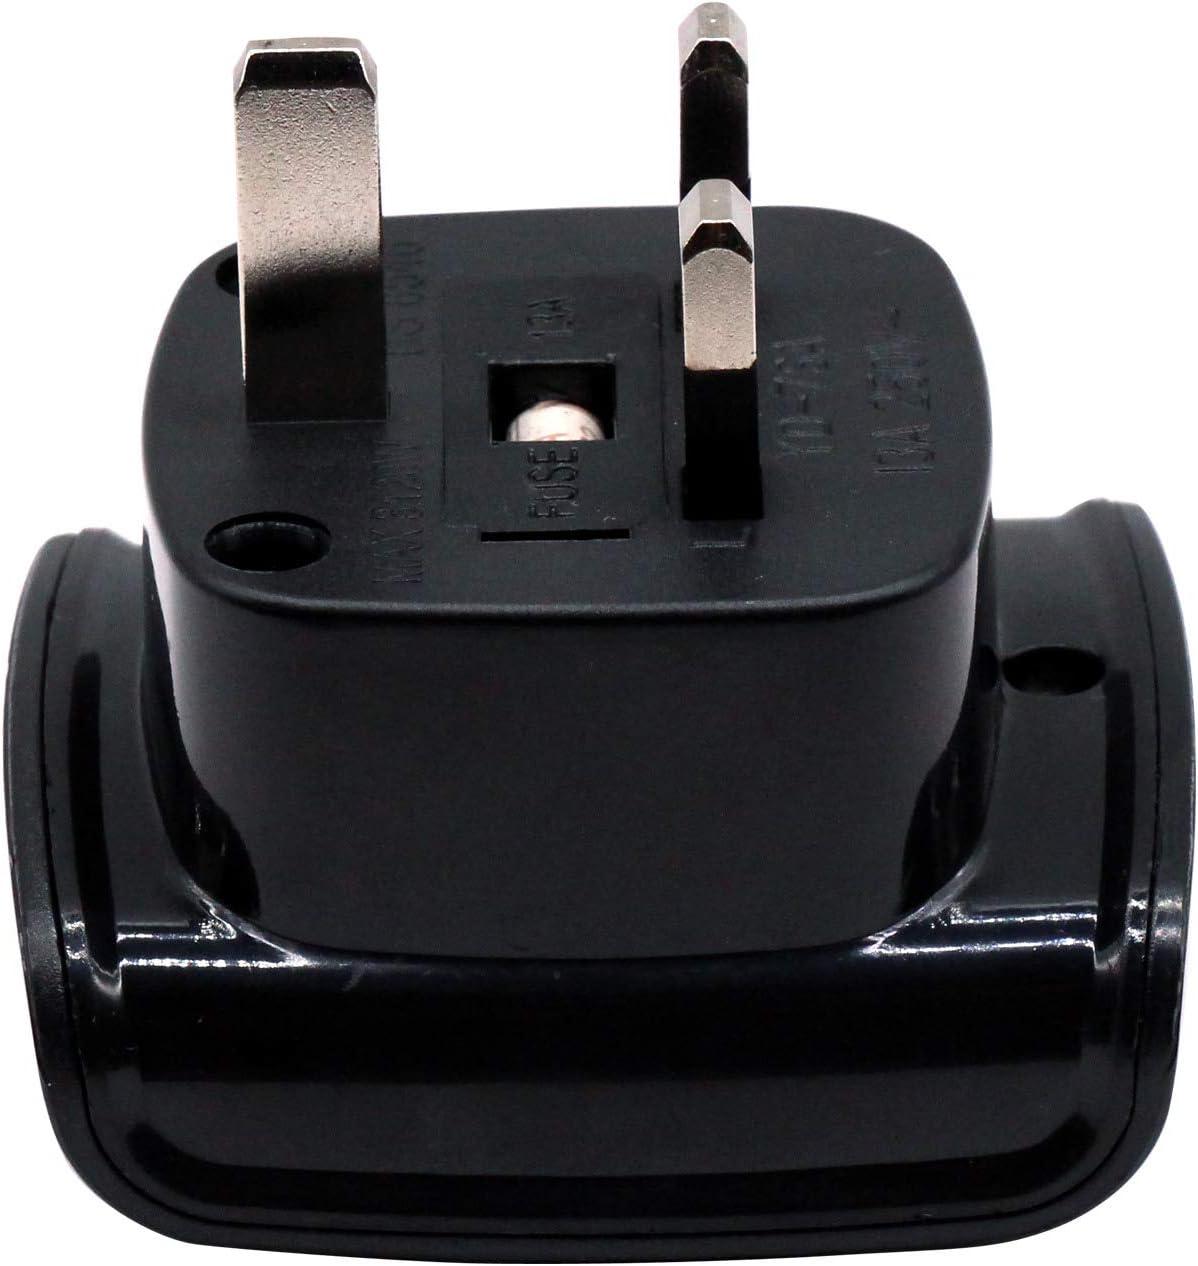 Fusible 13A Avec Obturateur de S/écurit/é Approuv/é BS 8546 3 Pi/èces, Noir Afrique du Sud Adaptateur /à 3 Broches Grand Connecteur M/âle de Type M Converti en Prise Femelle UK /à 3 Broches